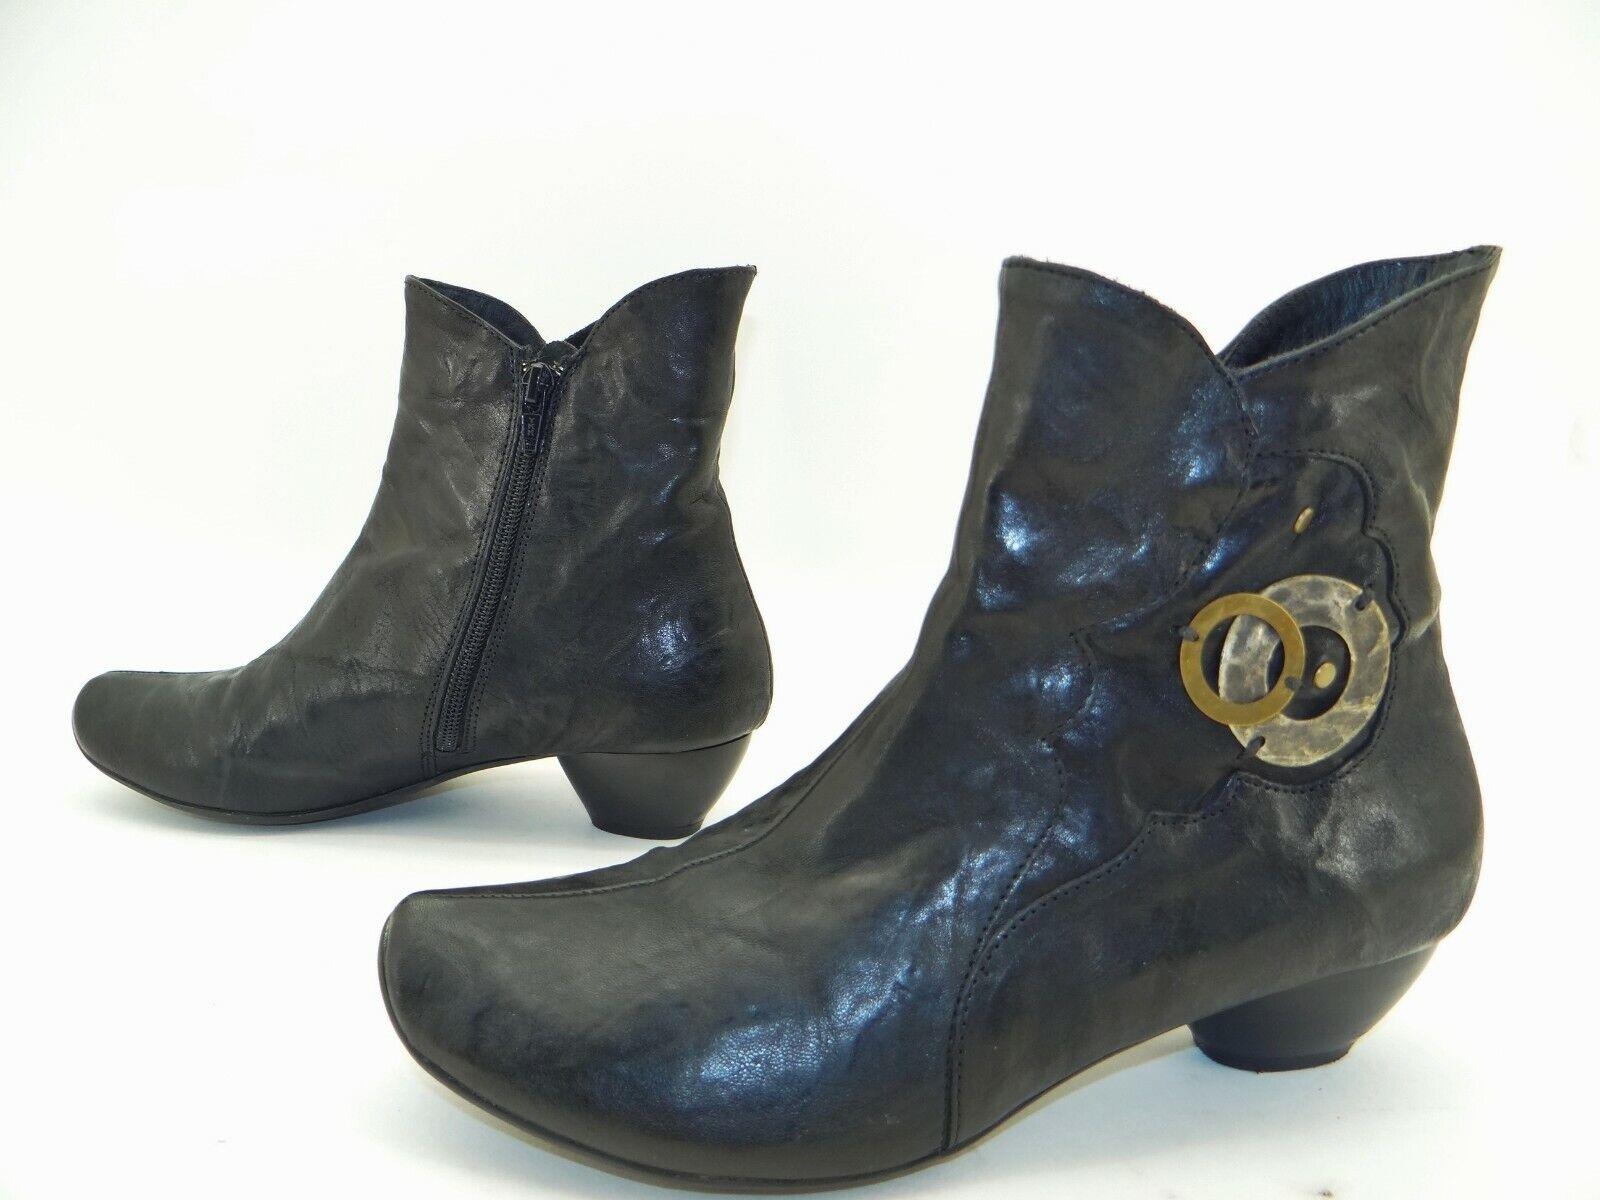 THINK Damen Stiefel Stiefel Stiefeletten Damenschuhe Leder Schwarz Neuwertig Gr 38